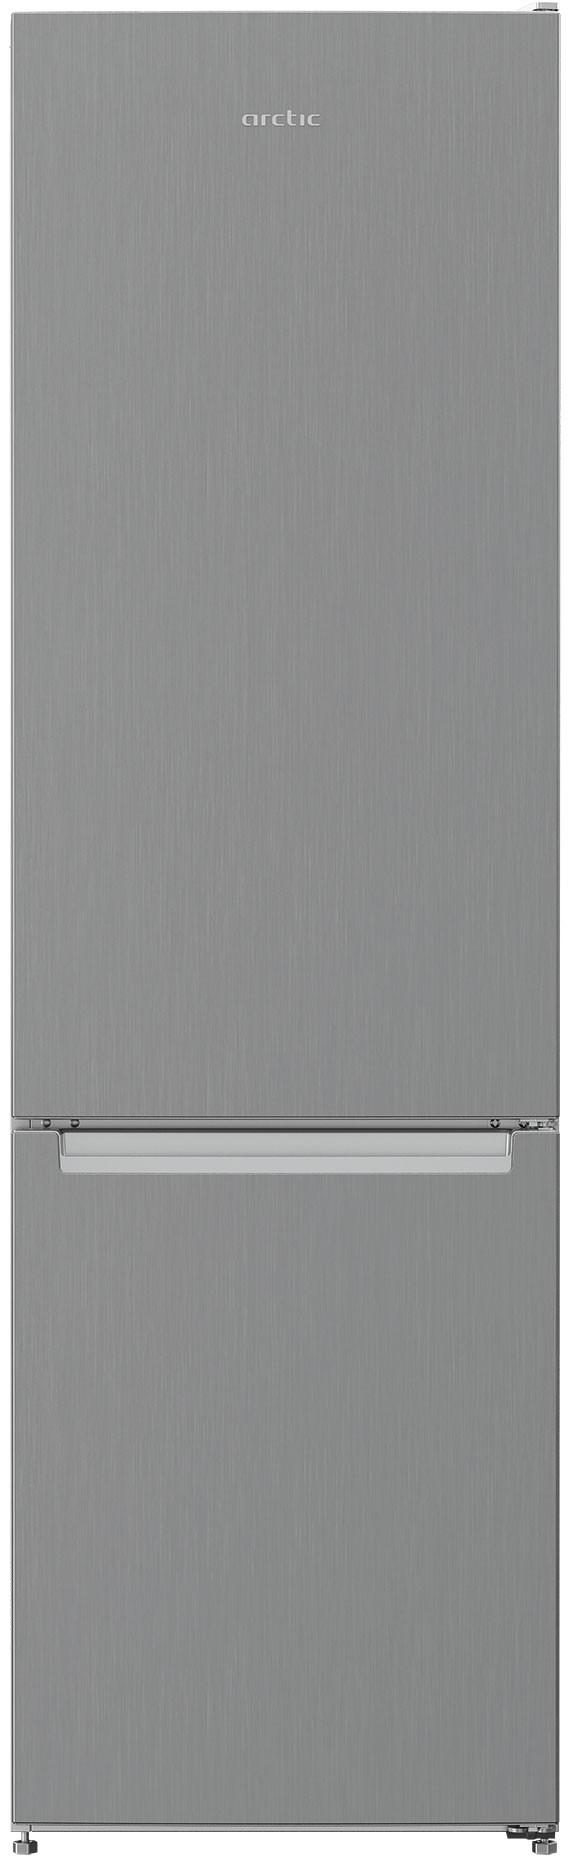 Combina frigorifica, Arctic, AK54305M30MT, 291 l, Clasa F, H 181,3  cm, Metal Look